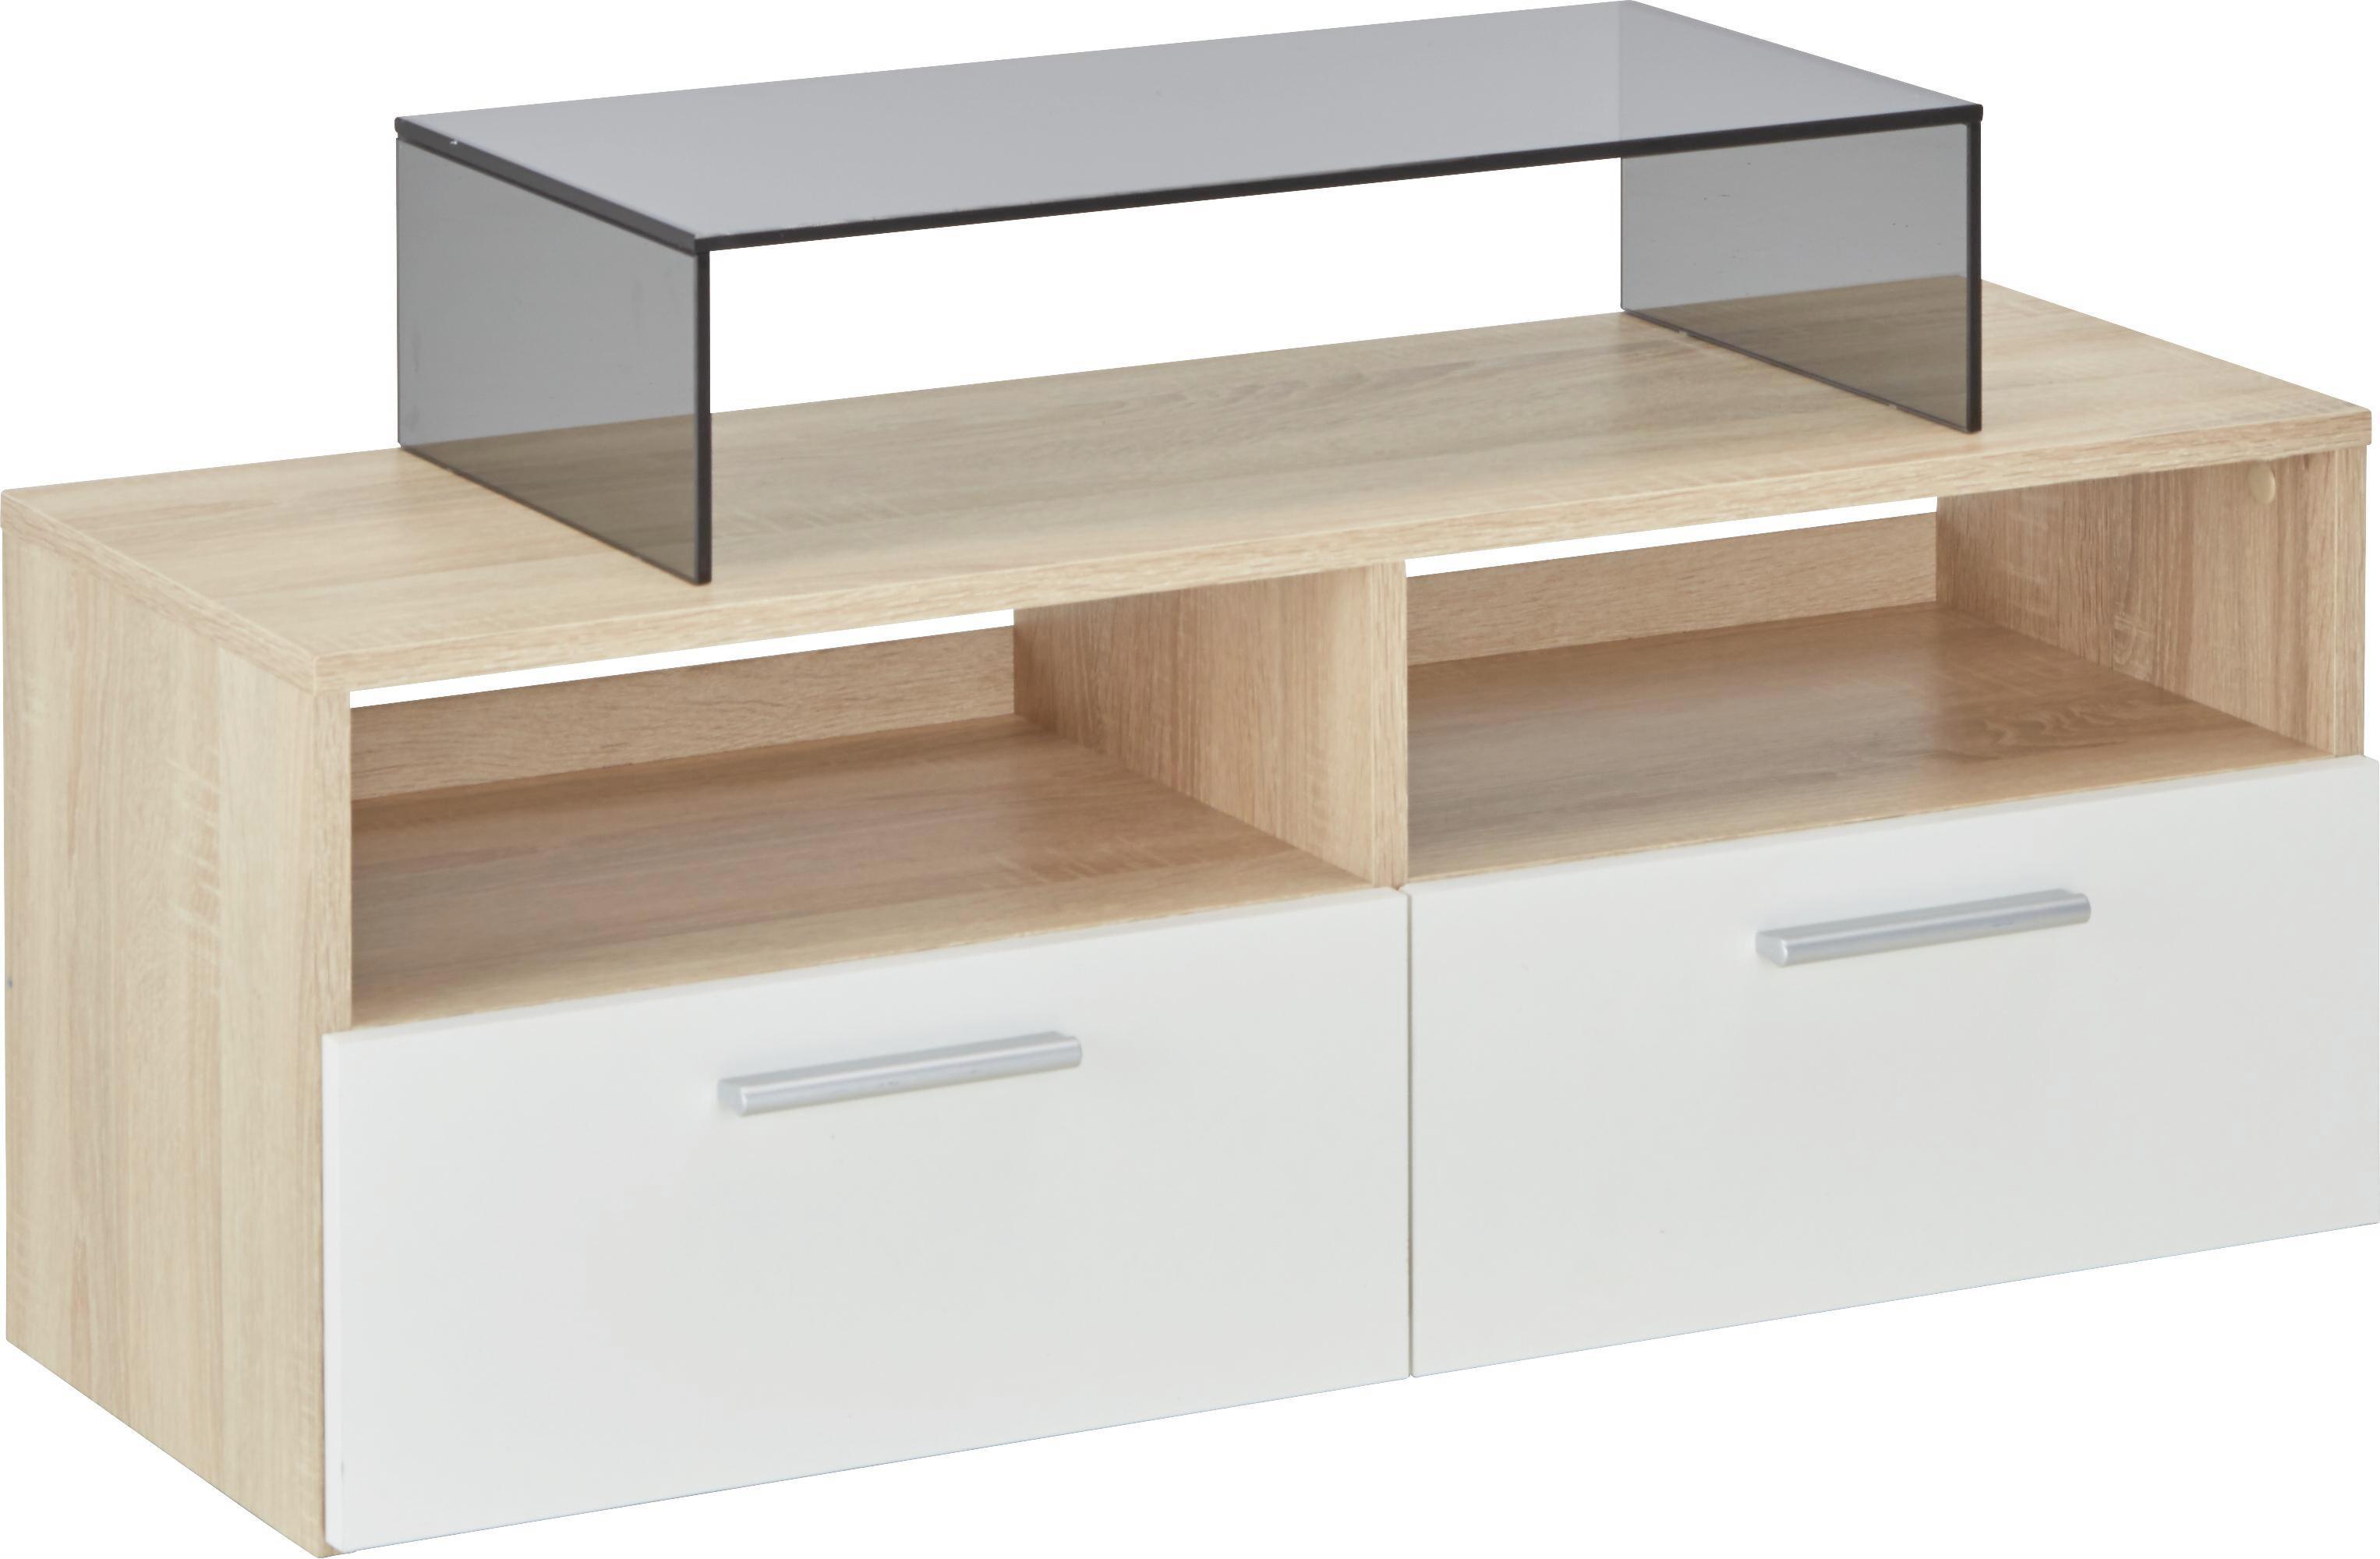 Lowboard in Sonoma Eiche/Weiß - Eichefarben/Silberfarben, MODERN, Holzwerkstoff/Kunststoff (95/35/36cm) - MÖMAX modern living